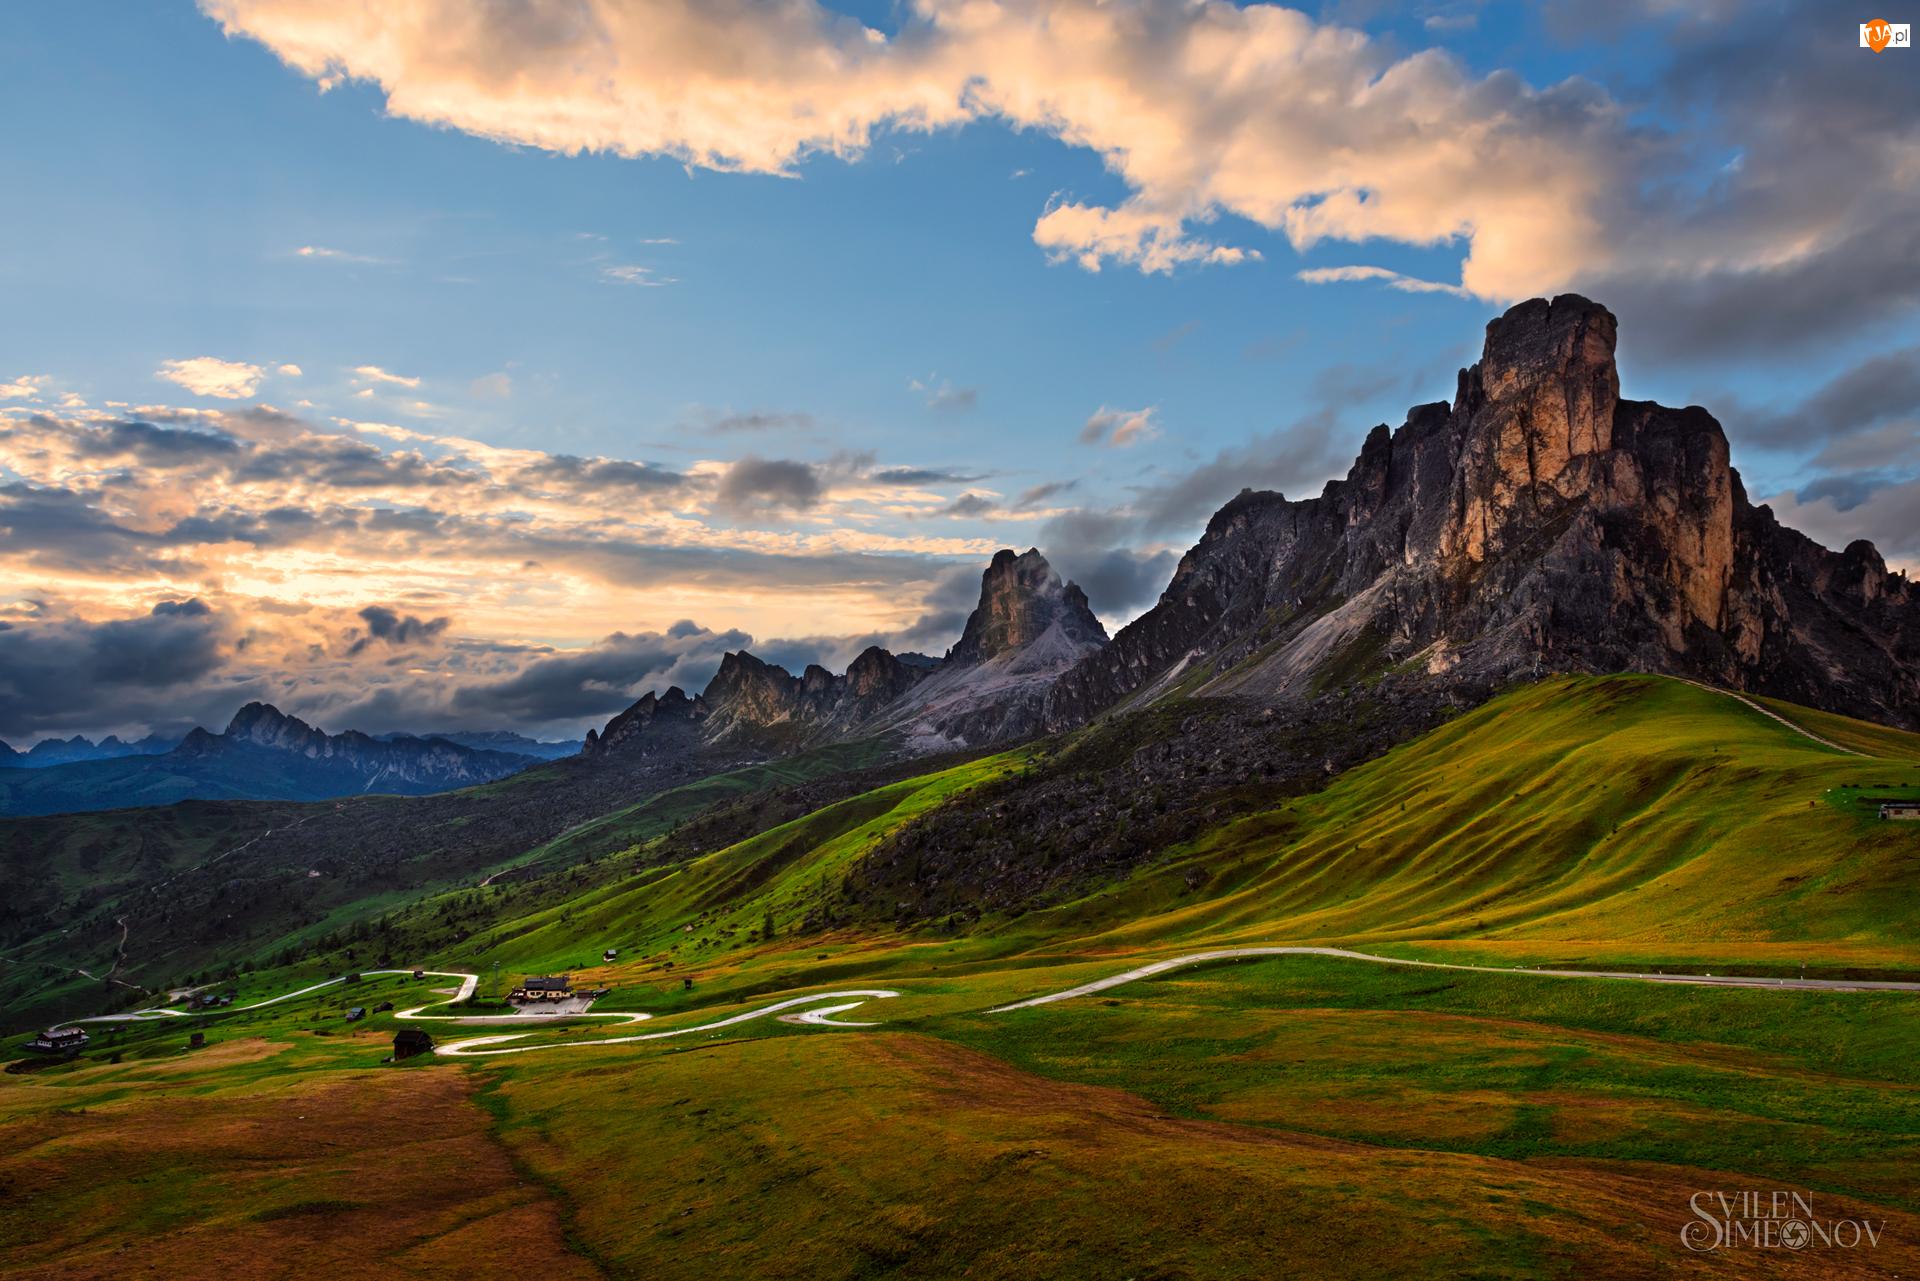 Włochy, Passo di Giau, Prowincja Belluno, Łąka, Chmury, Góry, Wzgórza, Dolomity, Droga